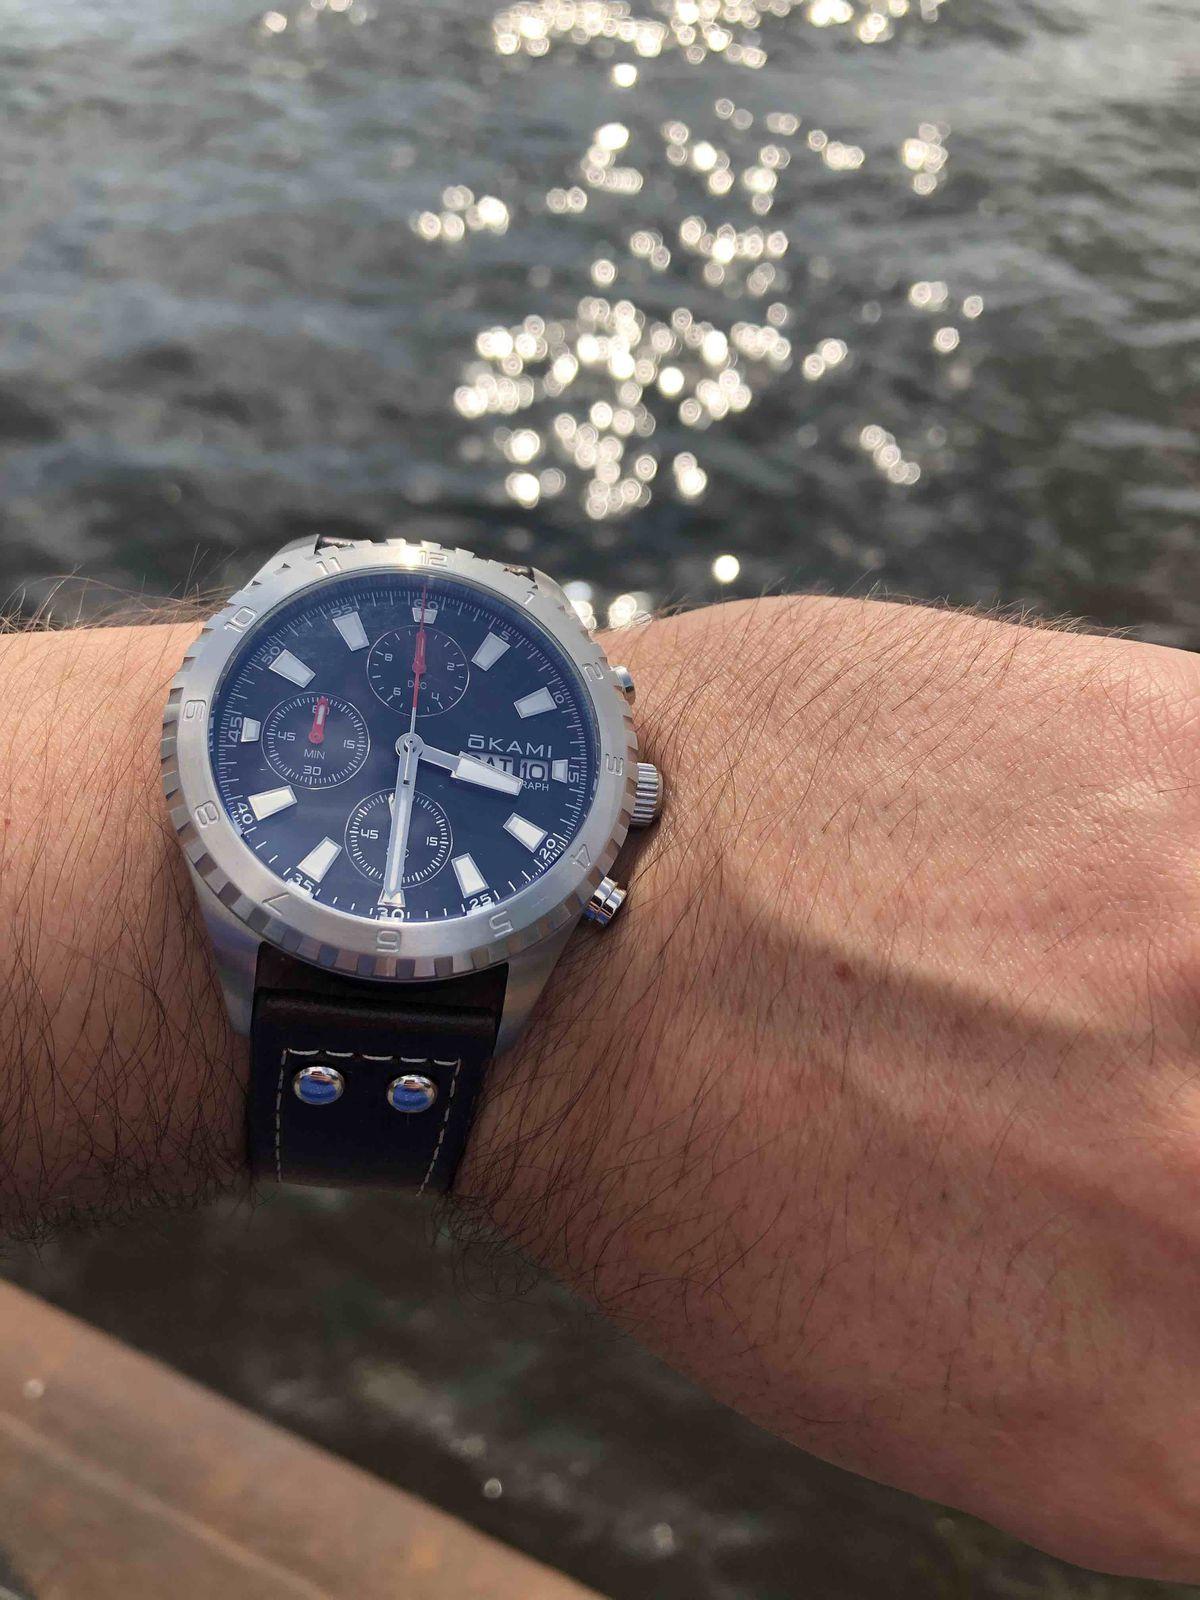 Отличные часы Okami